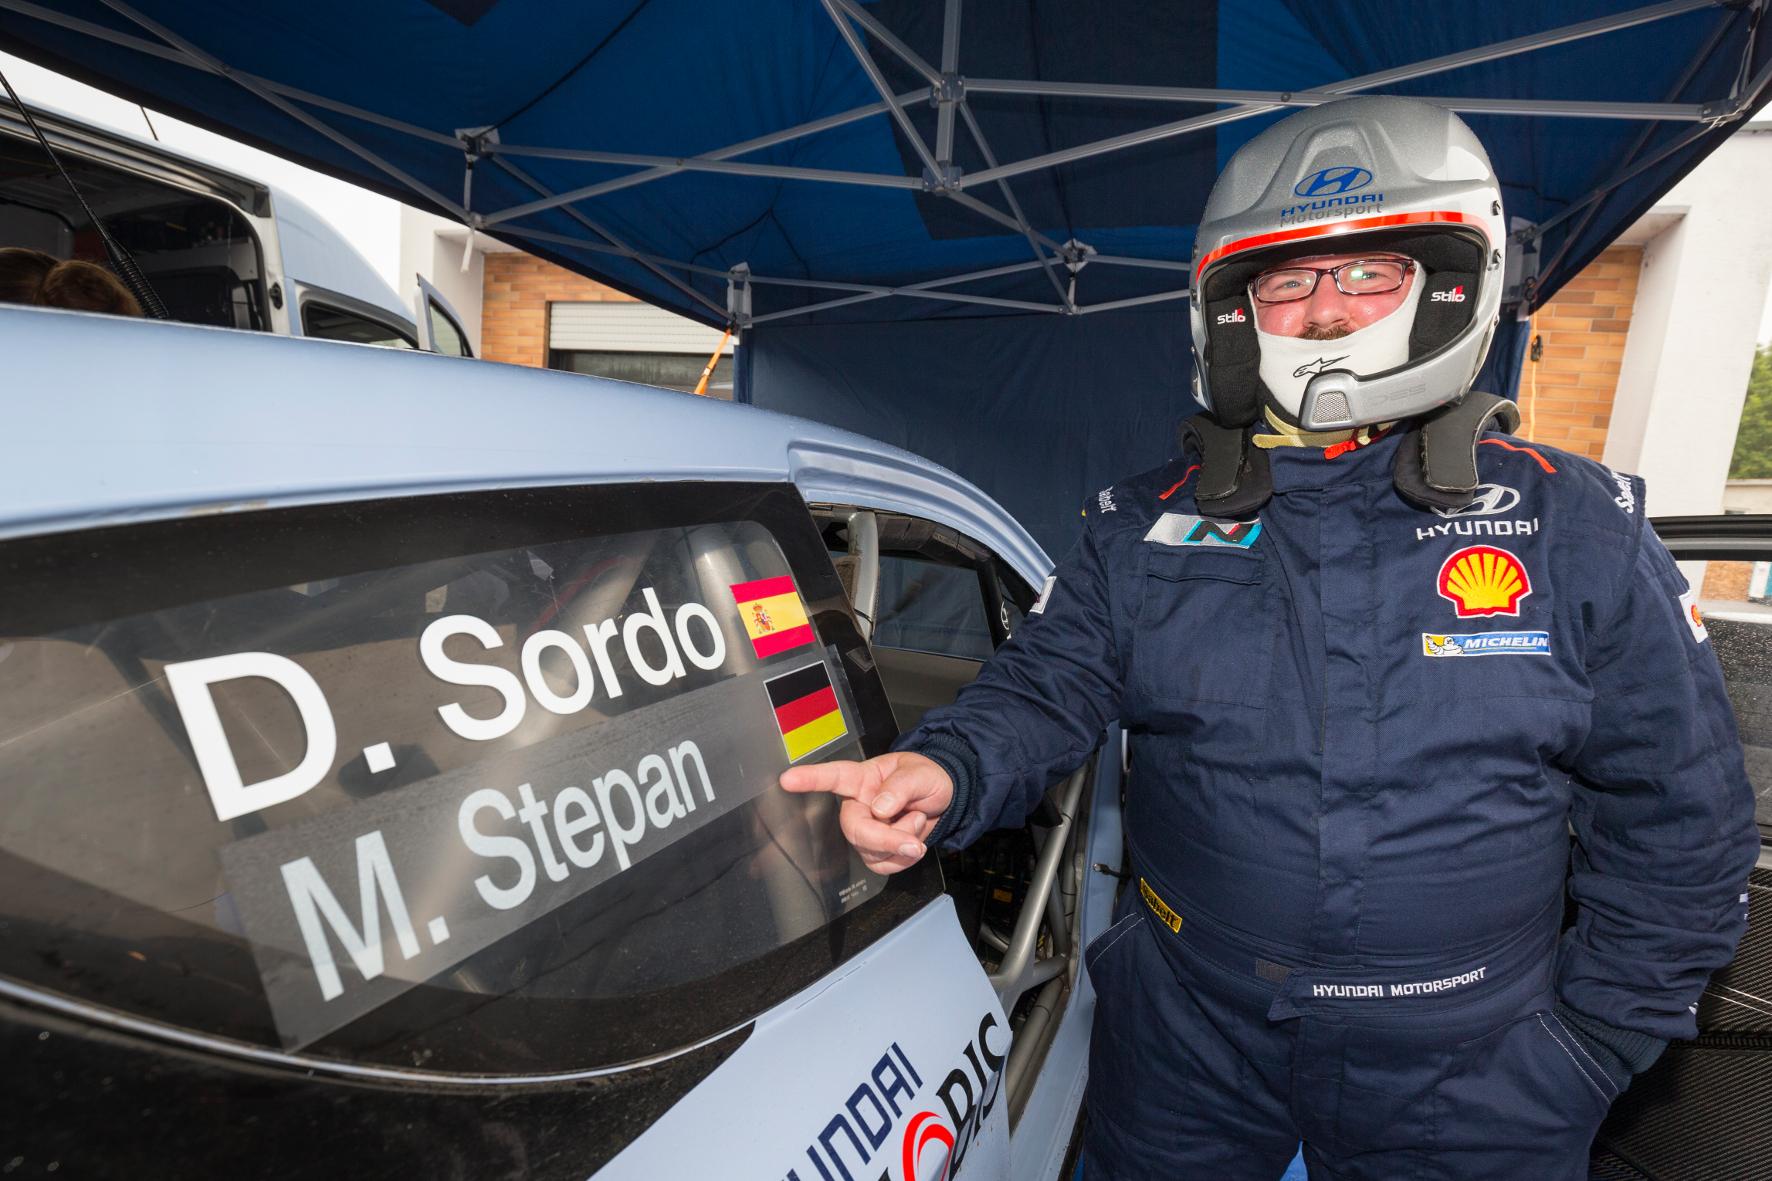 Name und Flagge aufs Taxi, und los geht's. Glücklicherweise weiß Dani Sordo, wo er langfahren muss. Denn Richtungsanweisungen können Amateur-Beifahrer nicht geben.